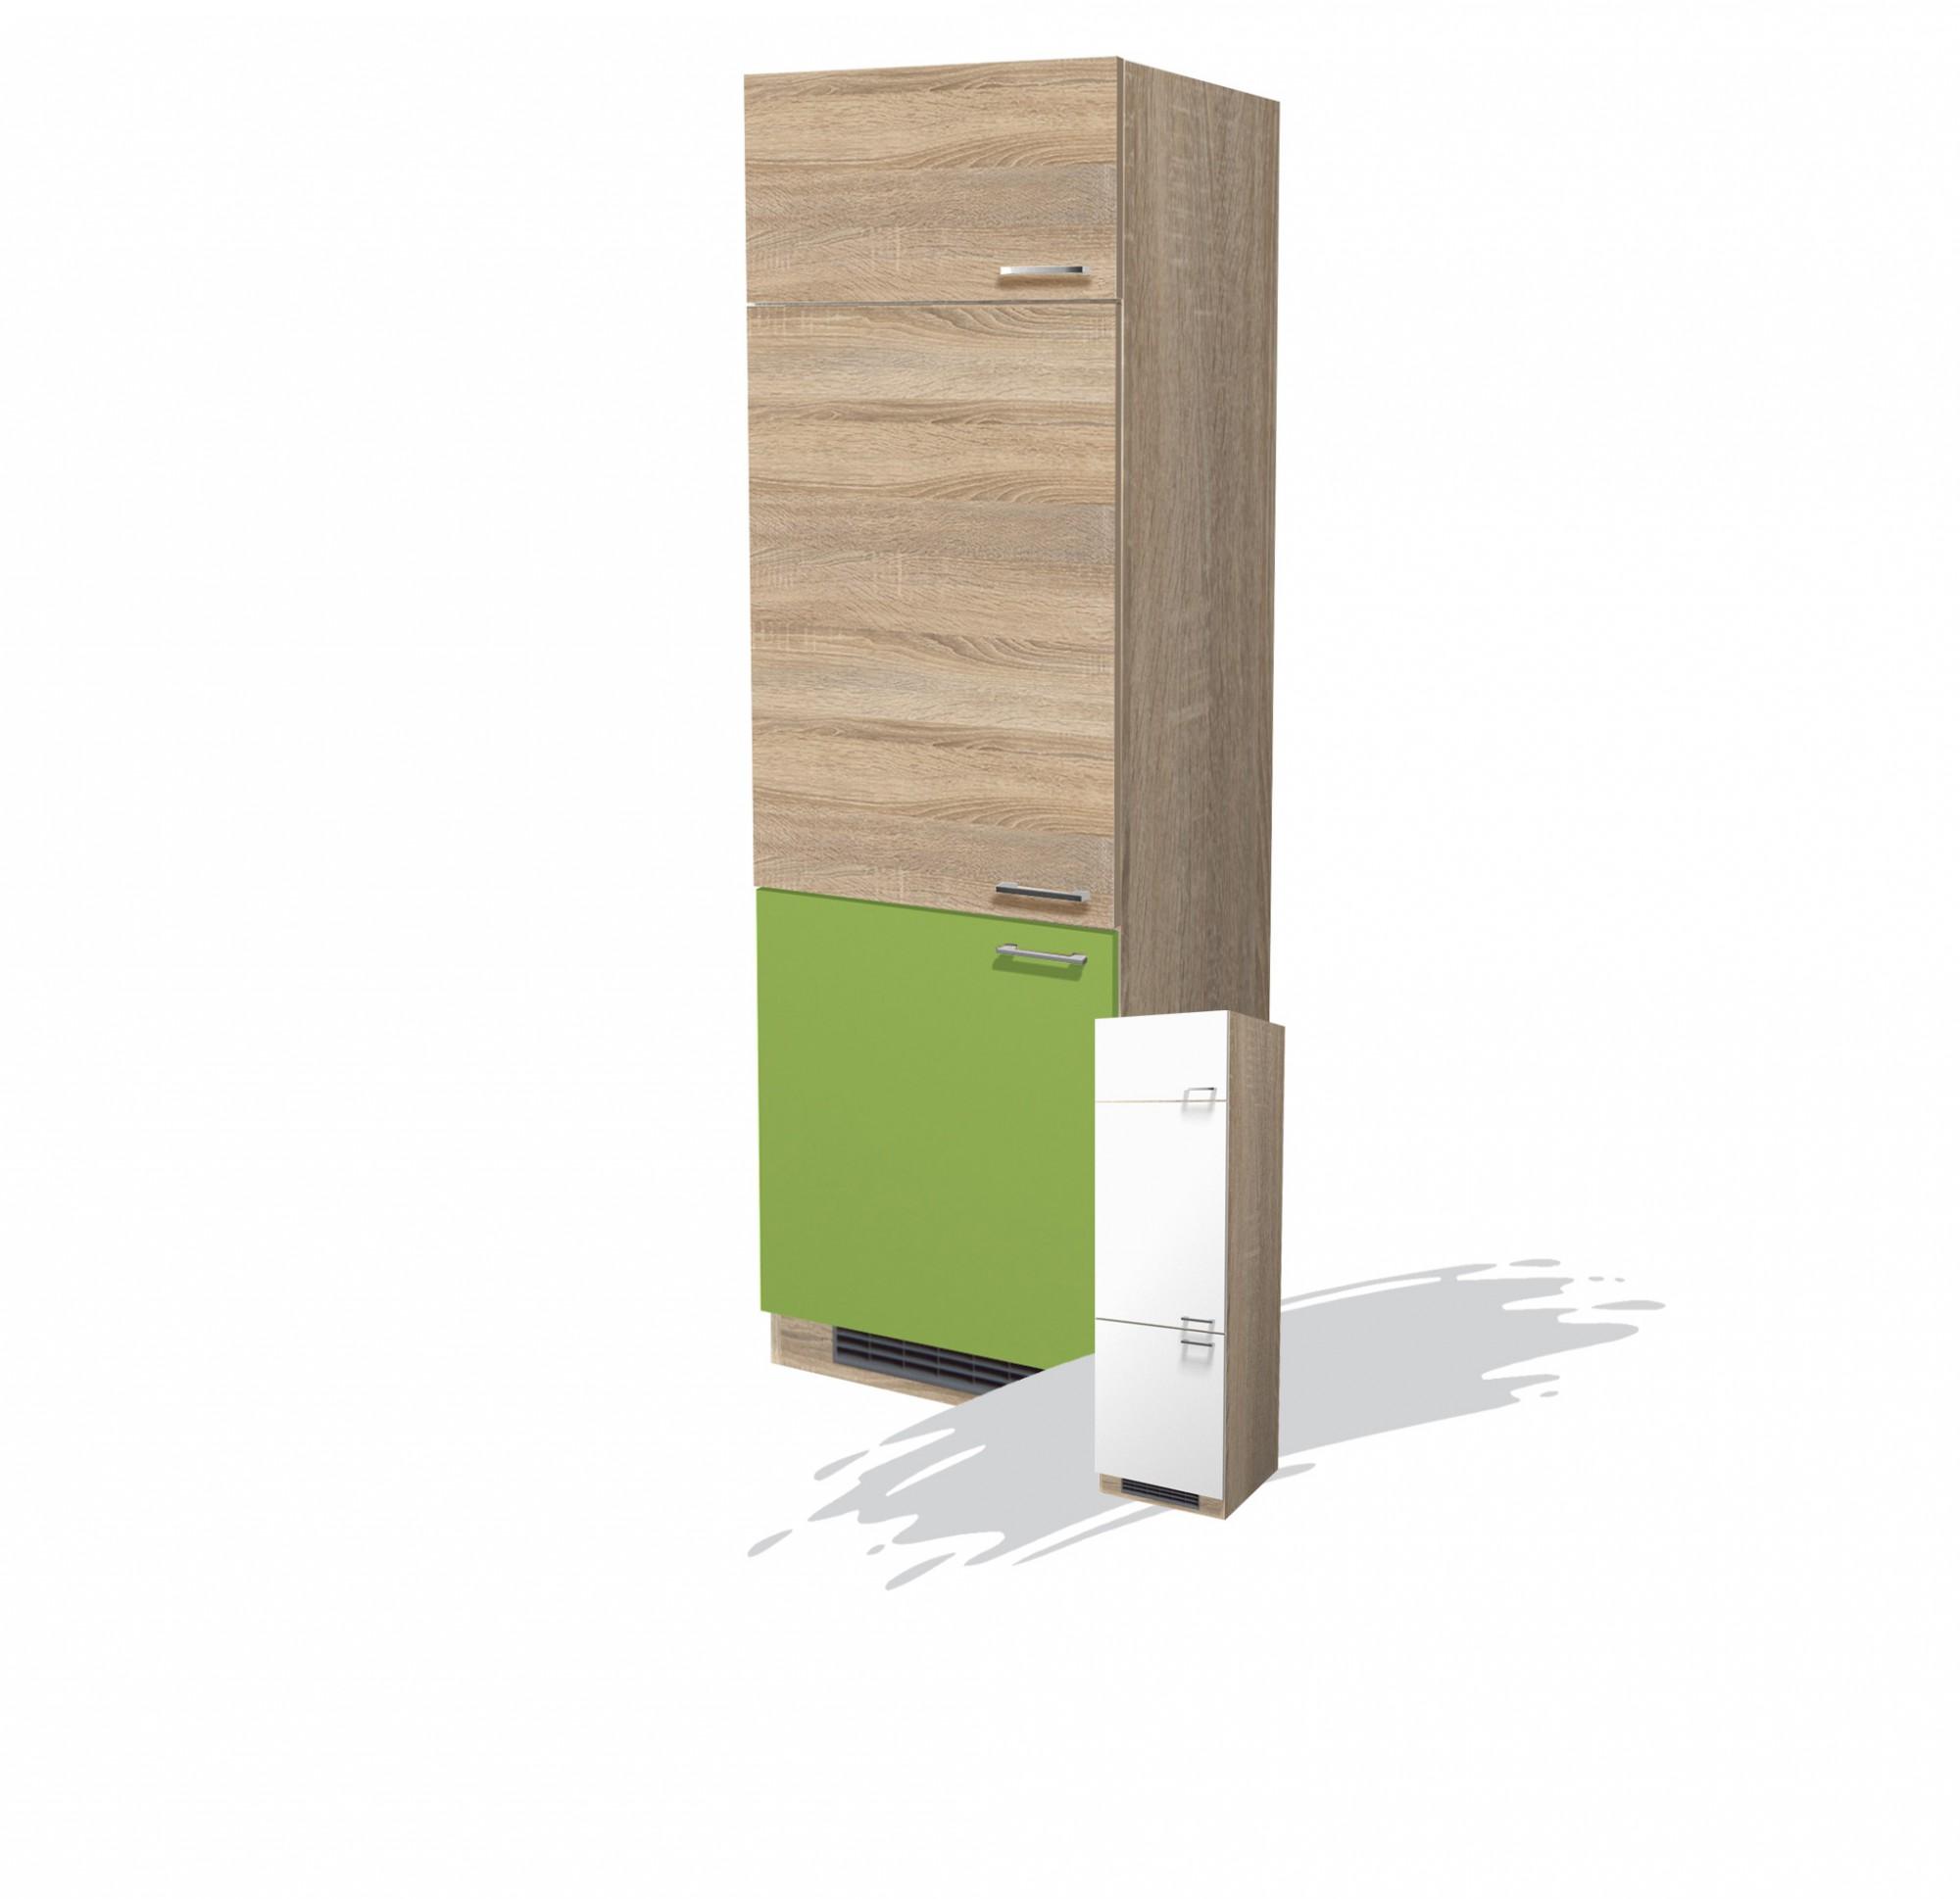 k hlschrankumbau rom umbauschrank k chenschrank hochschrank gr n sonoma weiss ebay. Black Bedroom Furniture Sets. Home Design Ideas